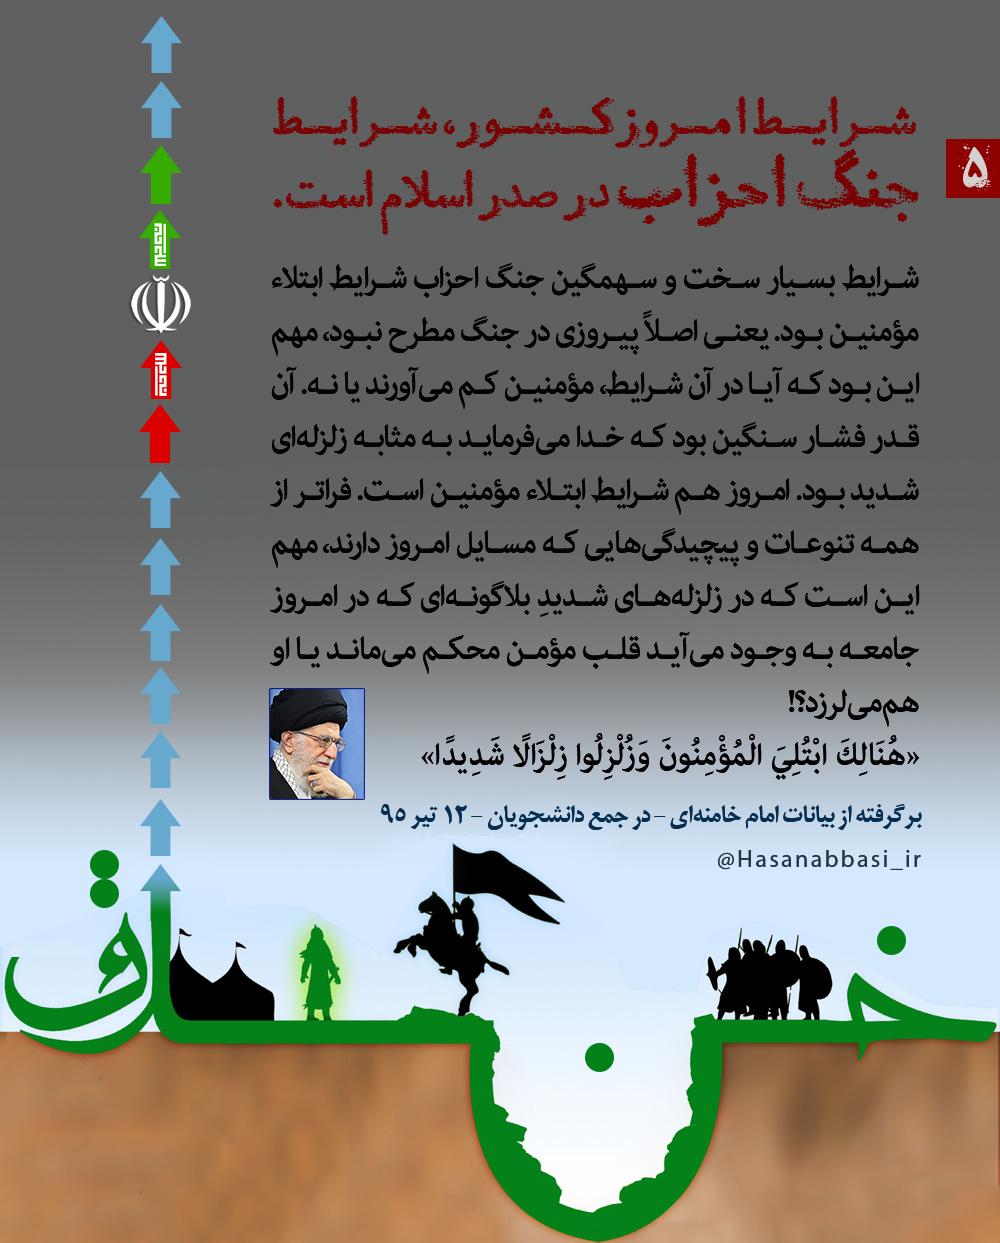 Ahzab5 شرایط امروز کشور، شرایط جنگ احزاب است